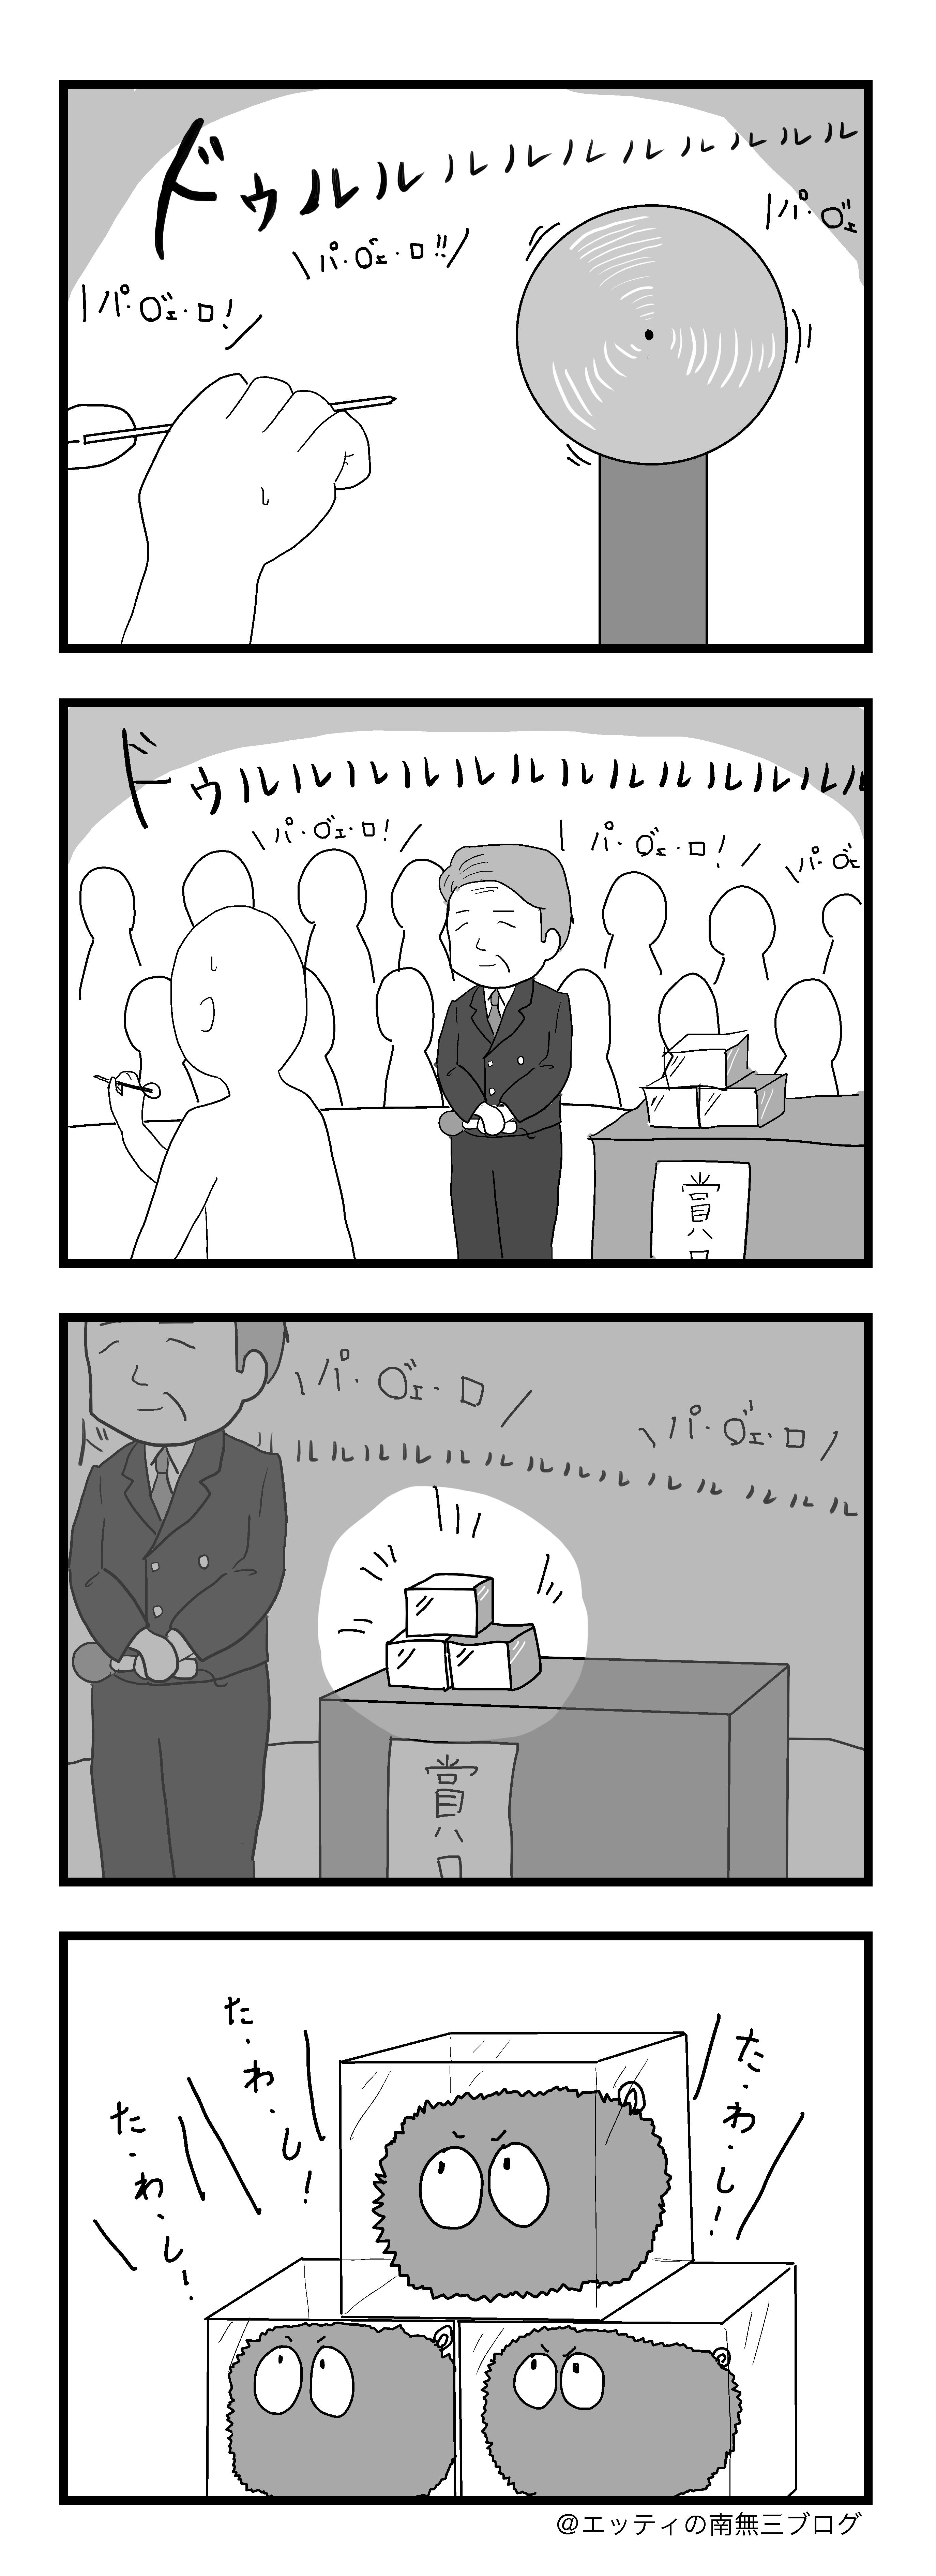 カメノコタワシ1